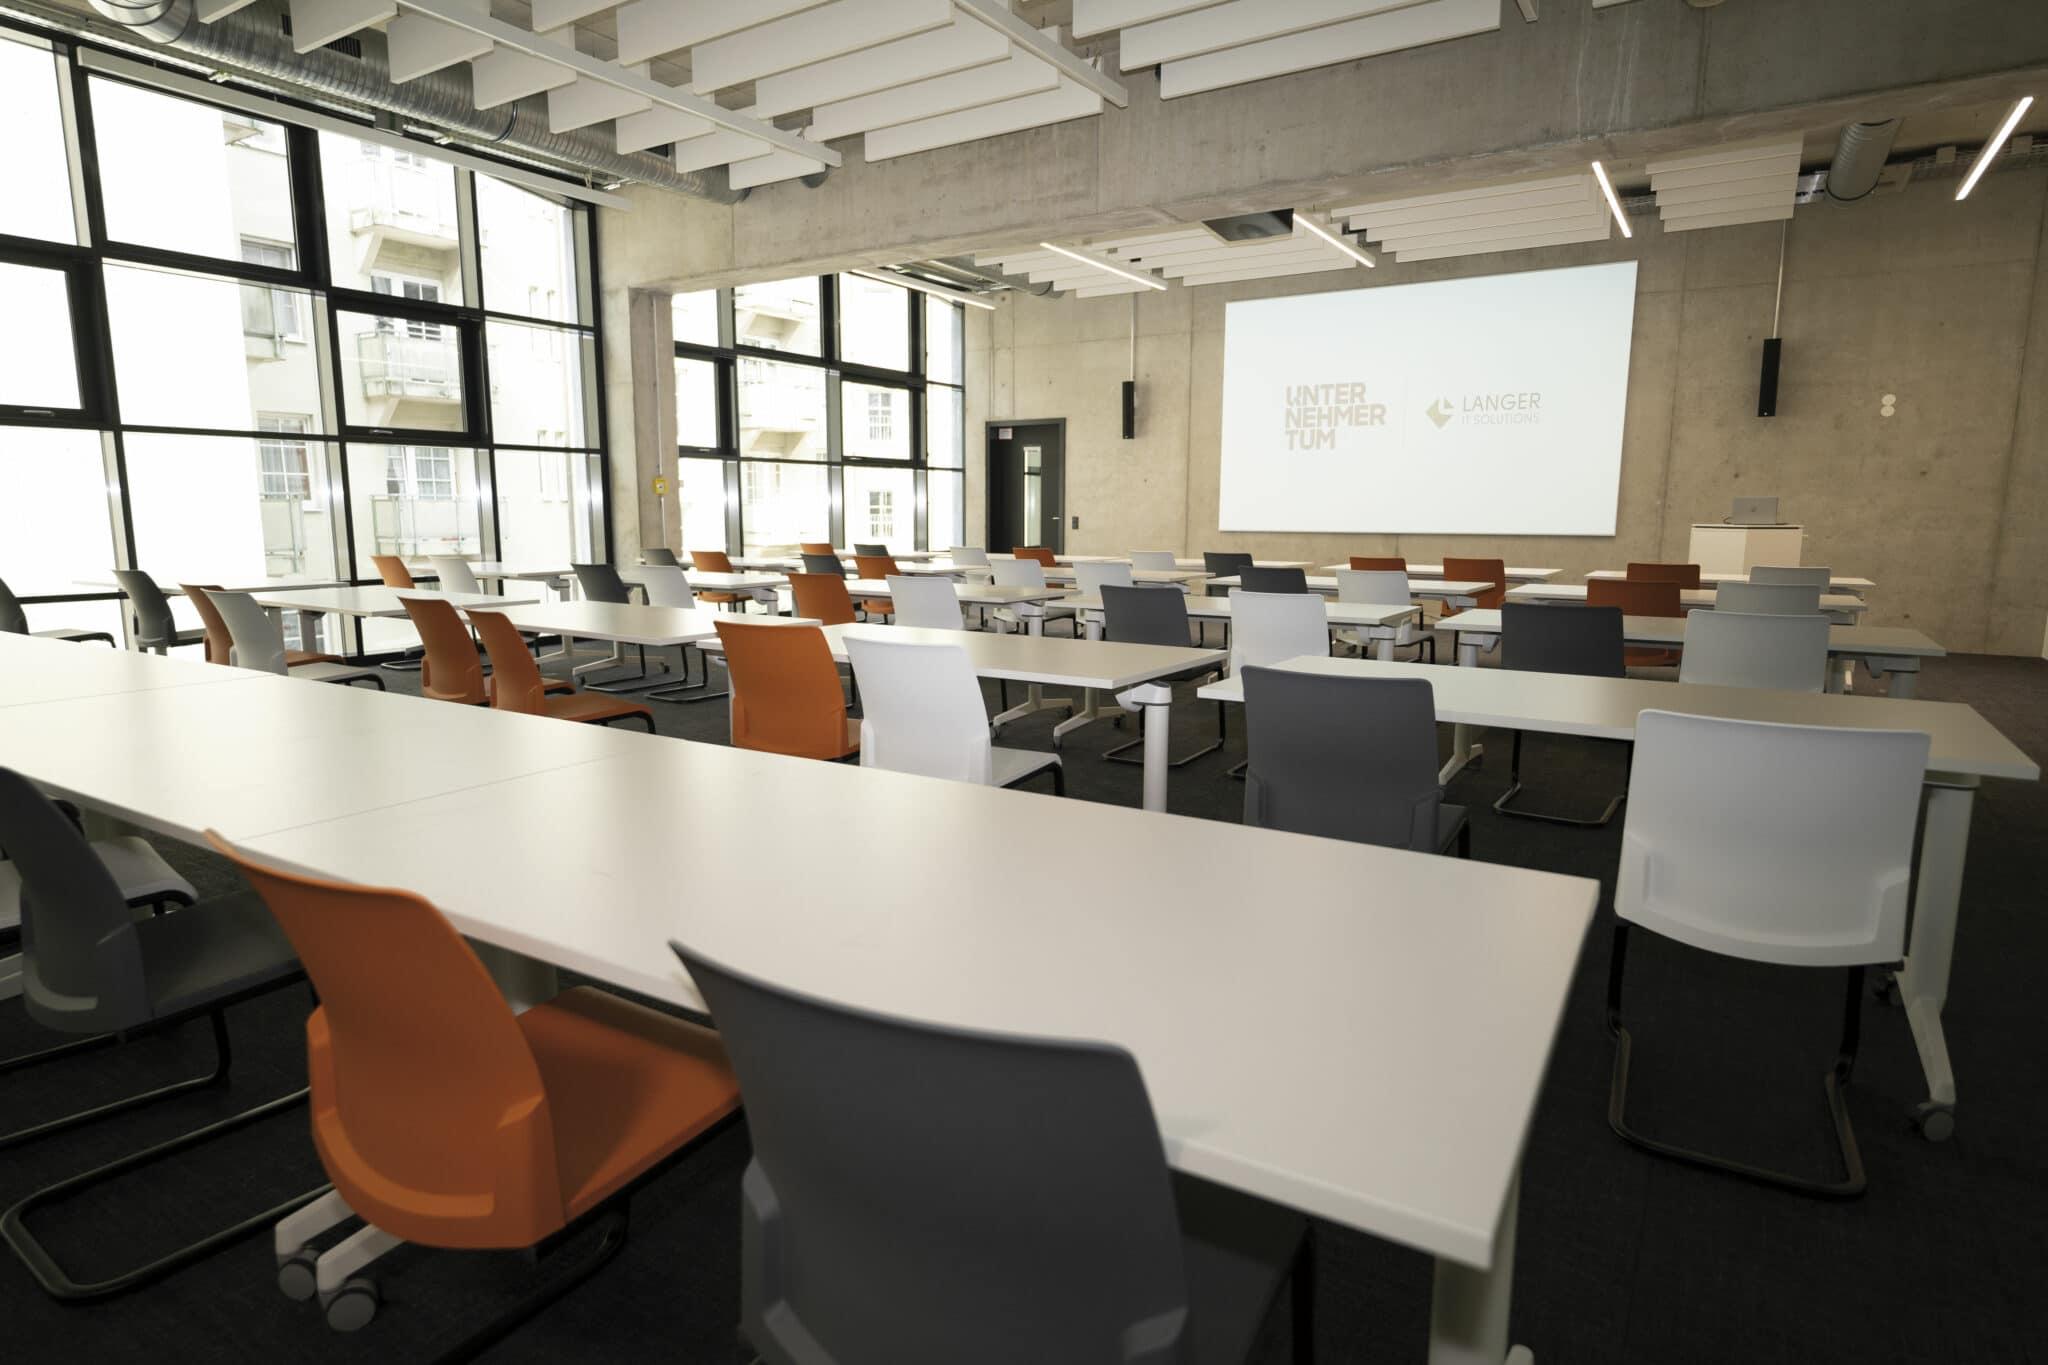 Seminarraum mit Leinwand vor den Stühlen und Tischen